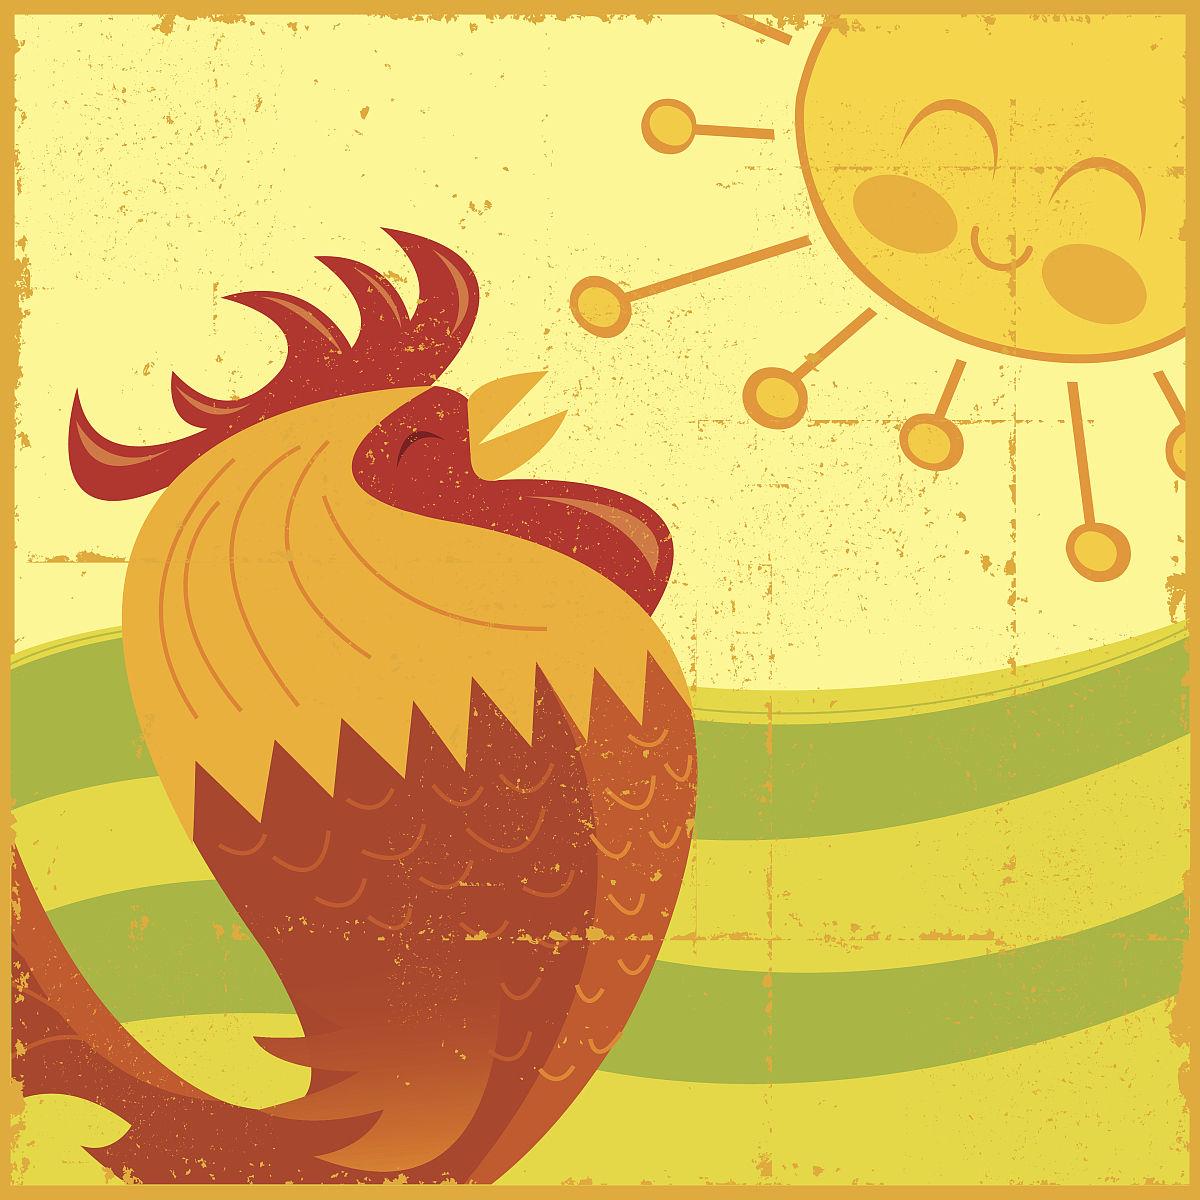 微信早上好公鸡打鸣图片_早上的太阳图片唯美-早上的太阳怎么形容_早上好有太阳的图片 ...